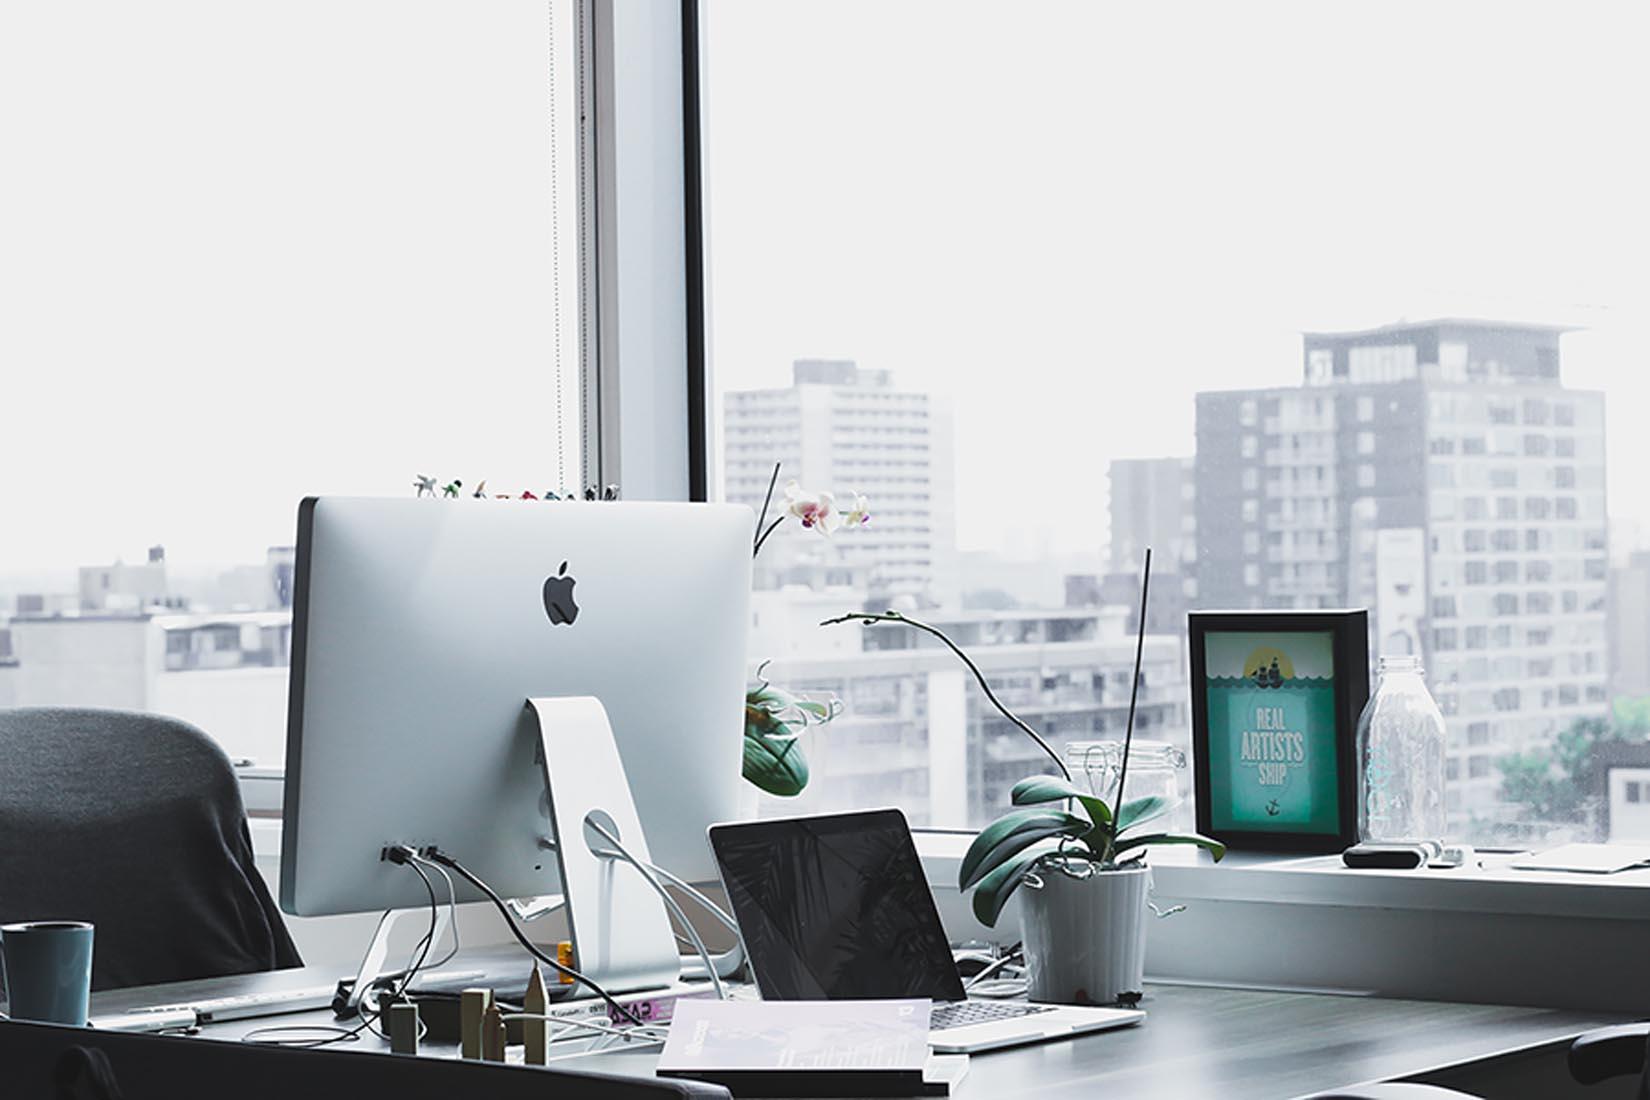 L'importance du marketing digital pour promouvoir un site web